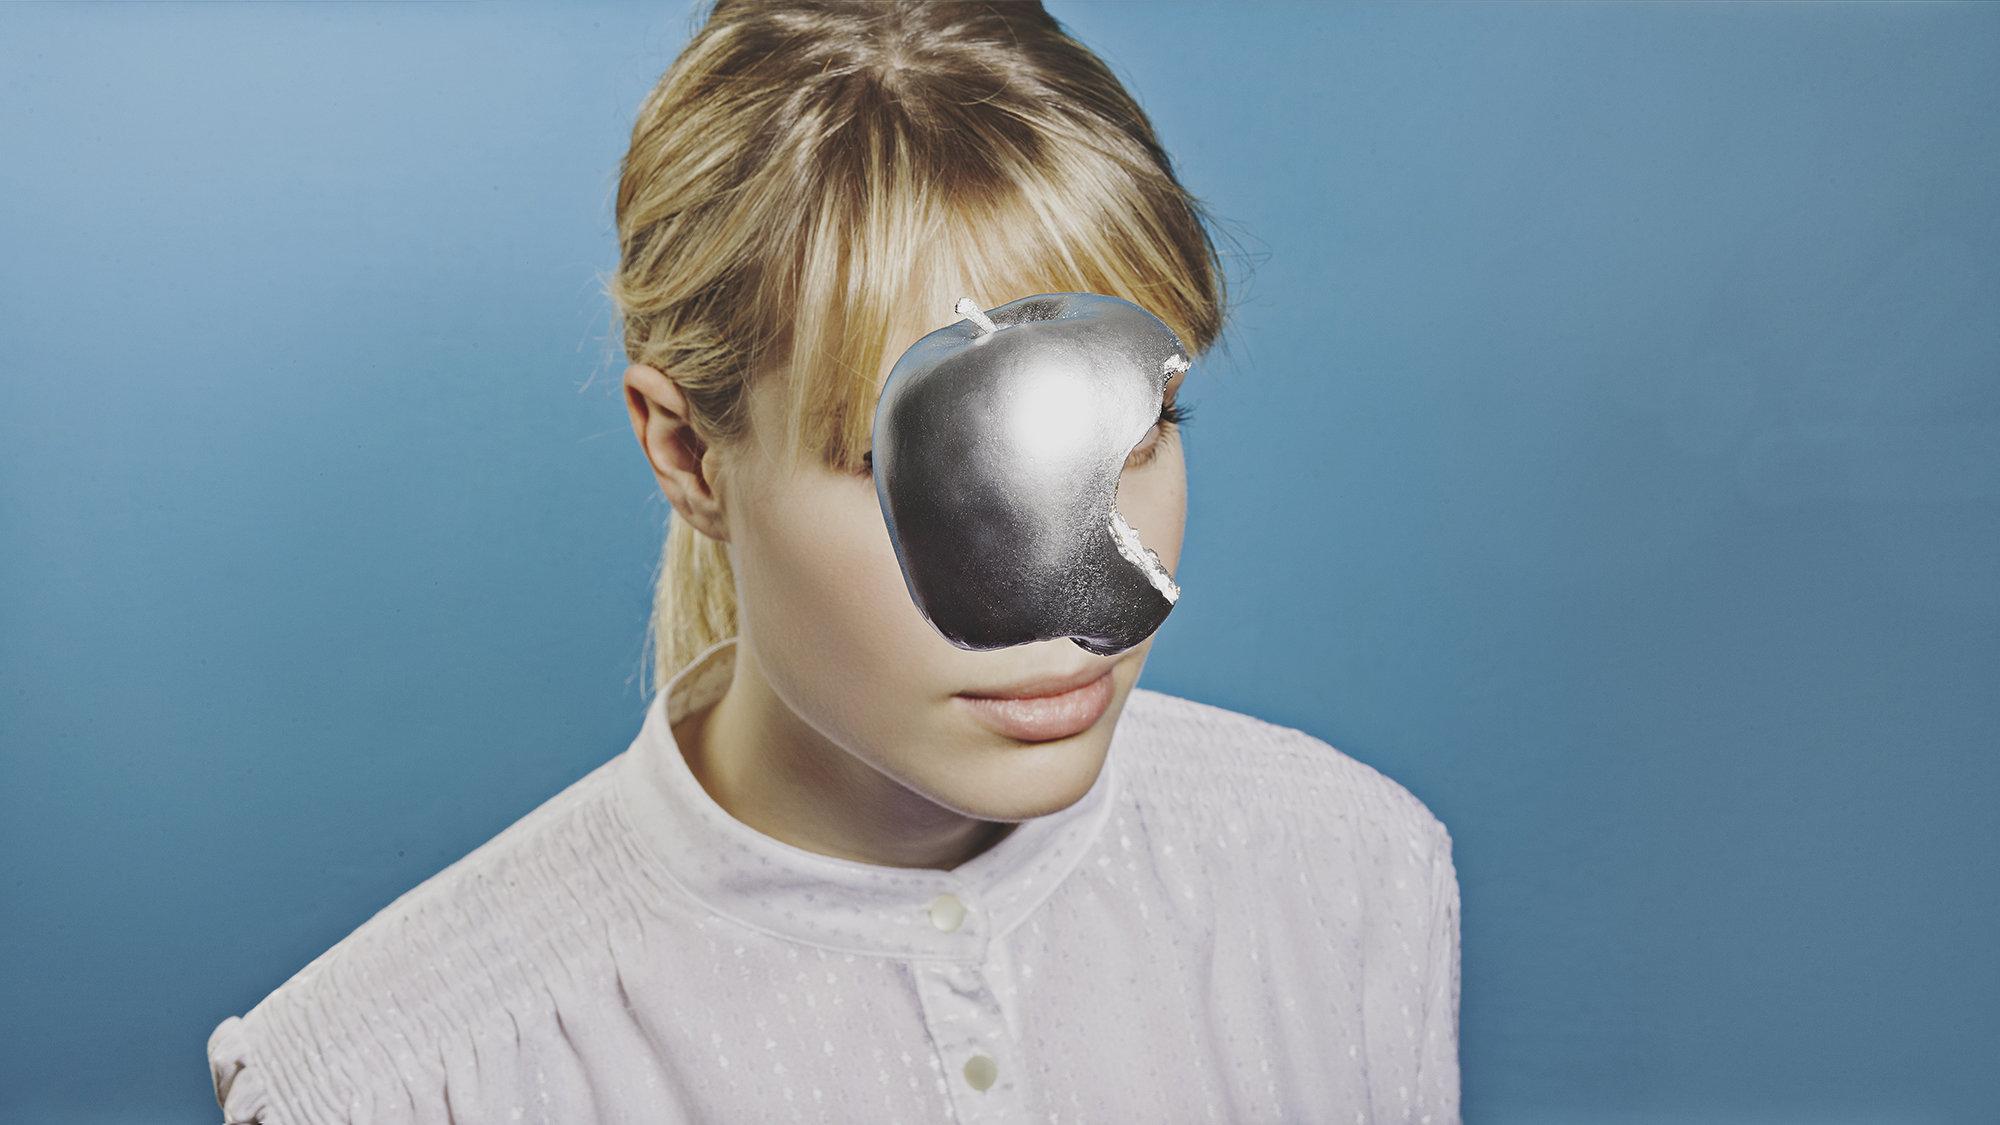 Ein Apfel aus Metall, der dem Marken--Logo von Apple nachempfunden ist, verdeckt das Gesicht einer Frau (Foto: Jan Q. Maschinski)